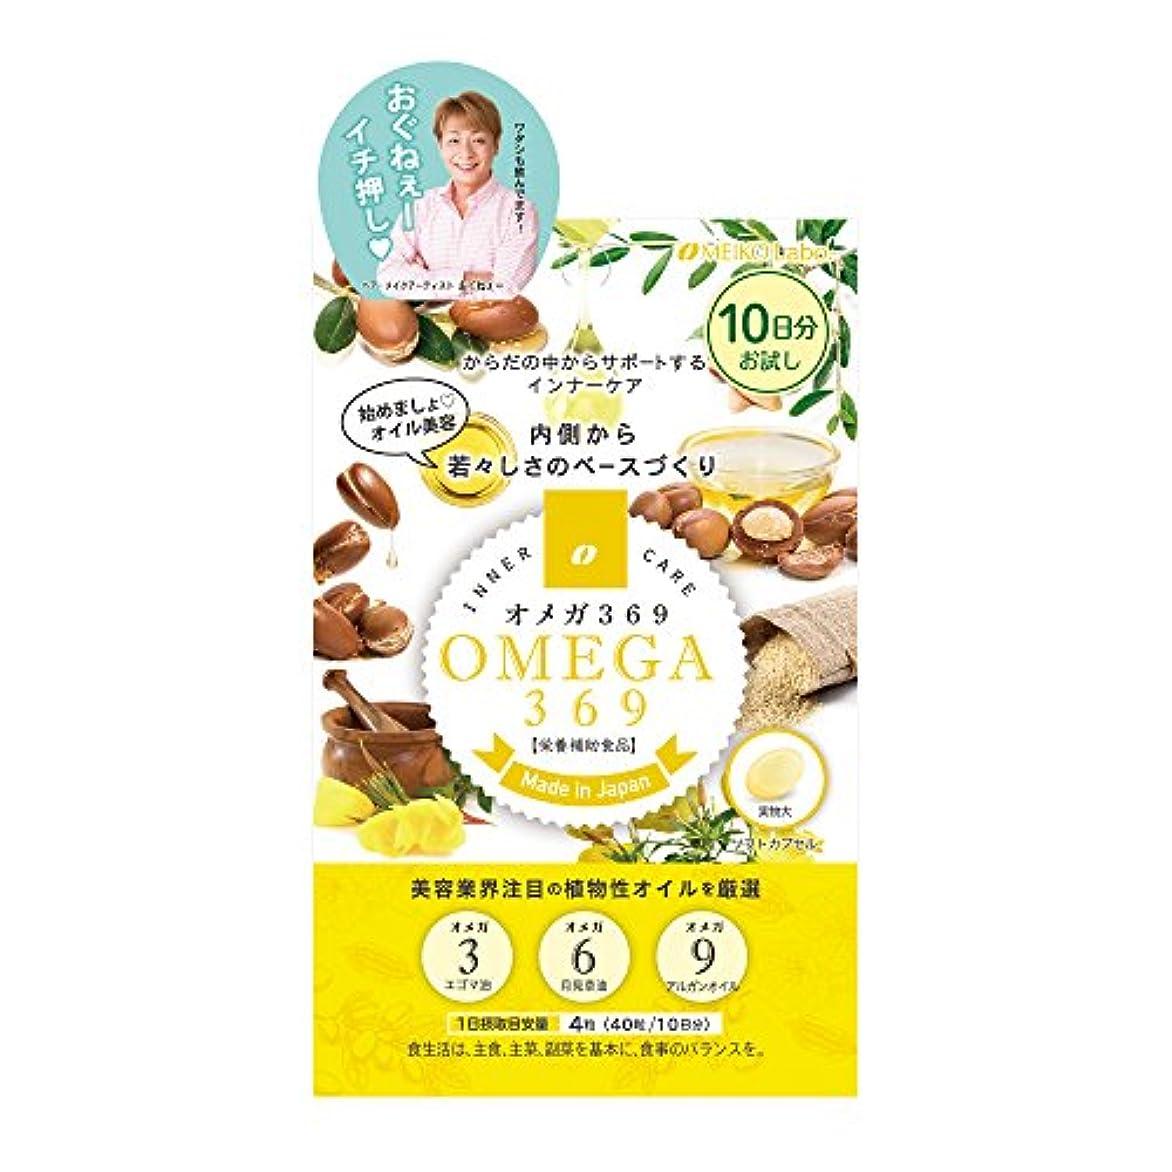 要求クライアント赤面オメガ3 6 9 10日分 40粒 サプリメント お試し ( 栄養補助食品 日本製 ) 【 メイコーラボ 】